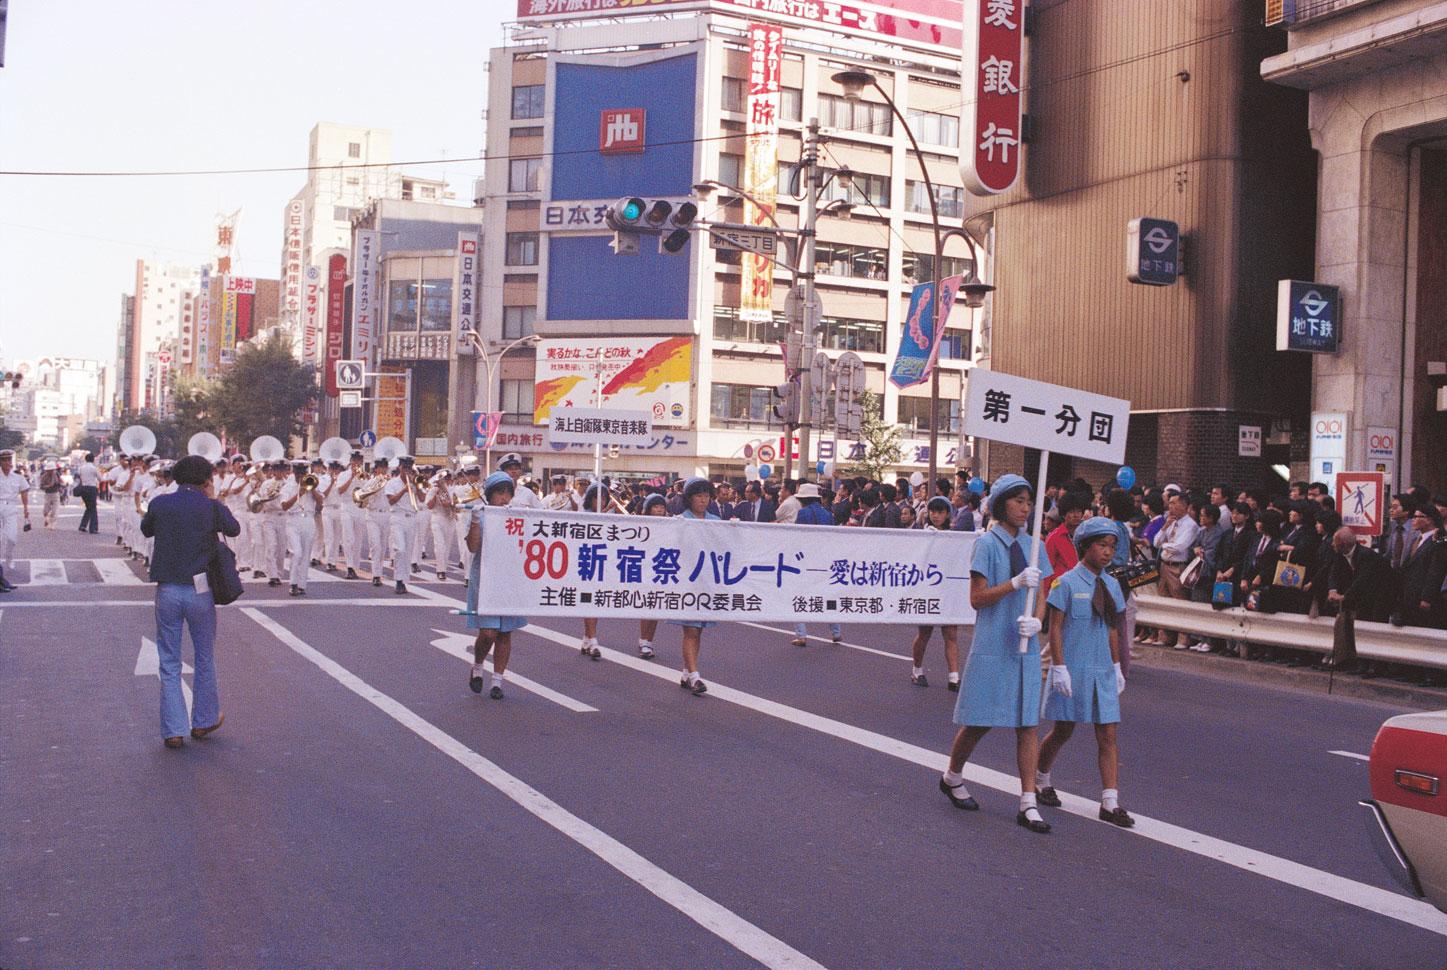 昭和55(1980)年 – 新宿区史年表